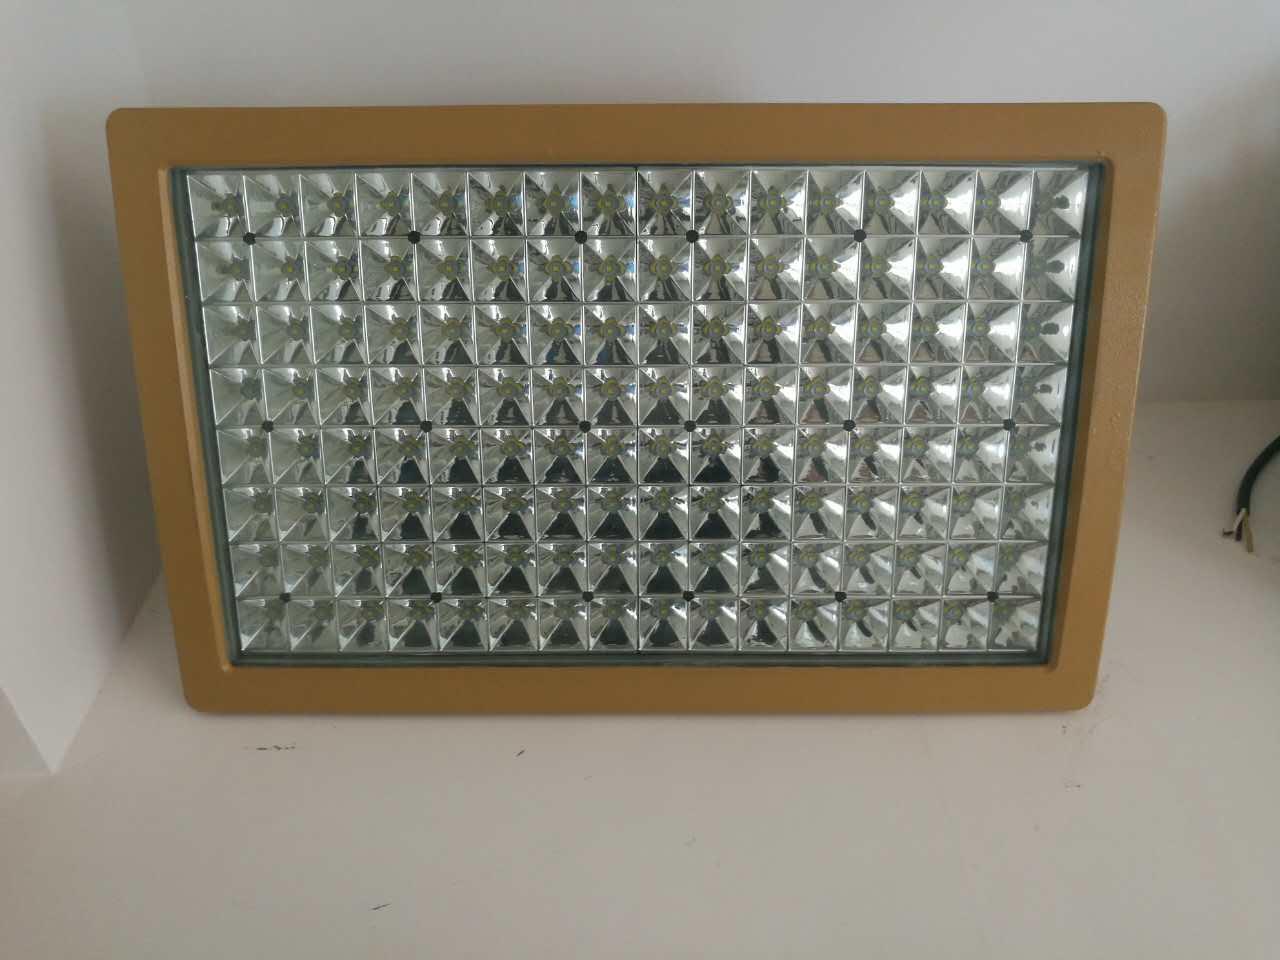 新黎明防爆免维护LED泛光灯-价格适中的防爆灯在上海哪里可以买到